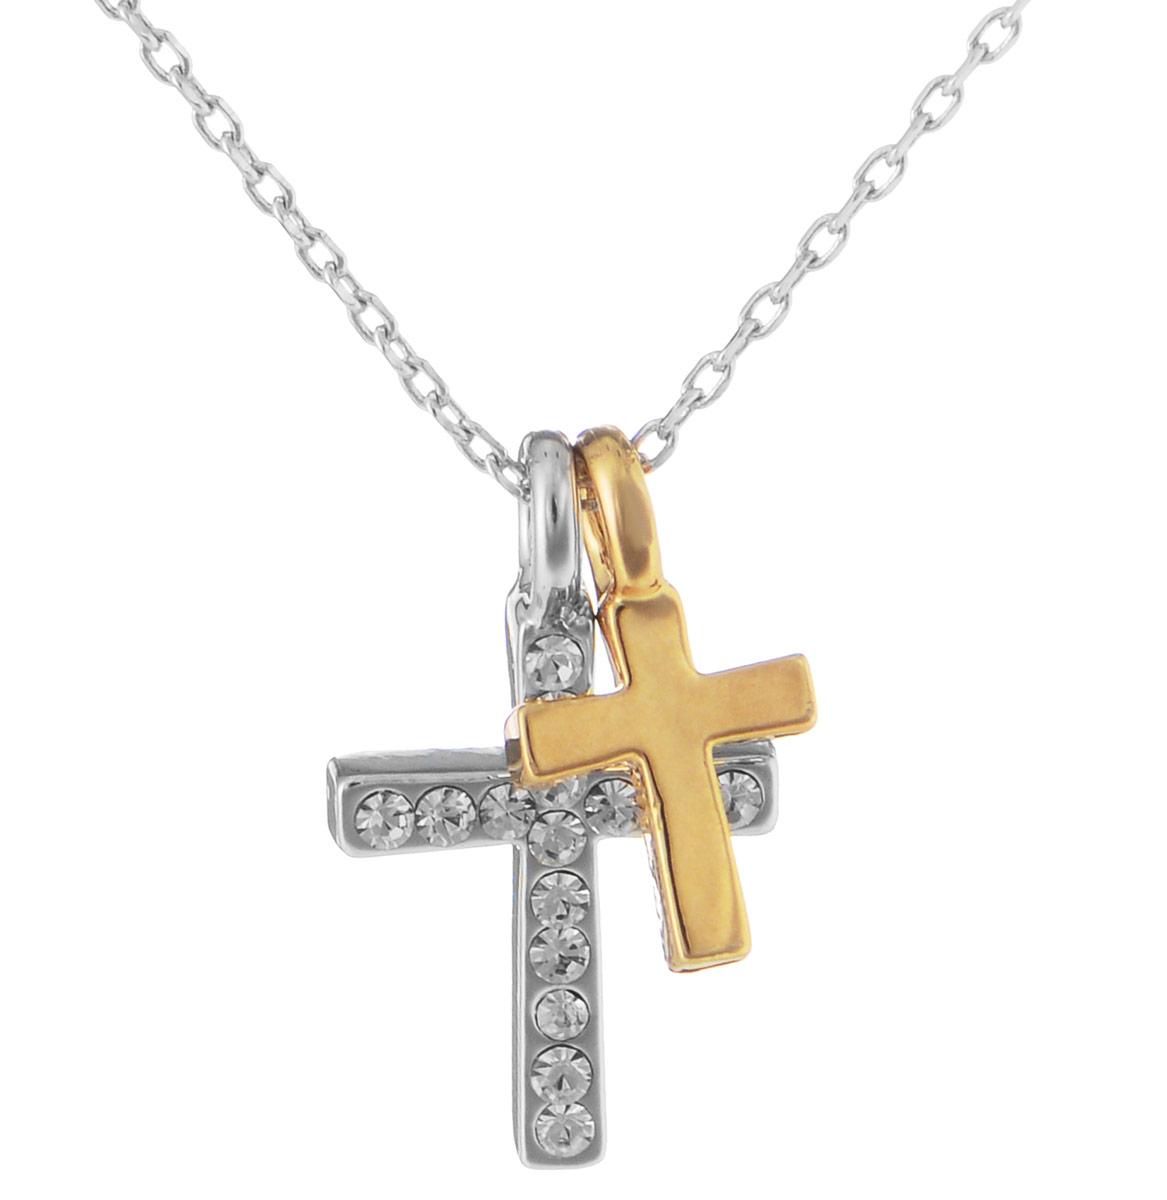 Кулон Art-Silver, цвет: серебряный, черный, золотой, 2 шт. 10785-53939890|Колье (короткие одноярусные бусы)Очаровательный комплект Art-Silver включает в себя два украшения, каждое из которых дополнено двумя кулонами разного размера. Благодаря стильному дизайну изделия идеально сочетаются.Первое украшение выполнено в виде изящной цепочки, дополненной двумя кулонами в форме крестов. Один из кулонов инкрустирован цирконами. Цепочка застегивается на замок-карабин, длина регулируется.Второе украшение представляет собой текстильный шнур, который также дополнен двумя кулонами и застегивается на замок-карабин. Длина изделия регулируется за счет дополнительных звеньев.Кулон Art-Silver поможет дополнить любой образ и привнести в него завершающий штрих.